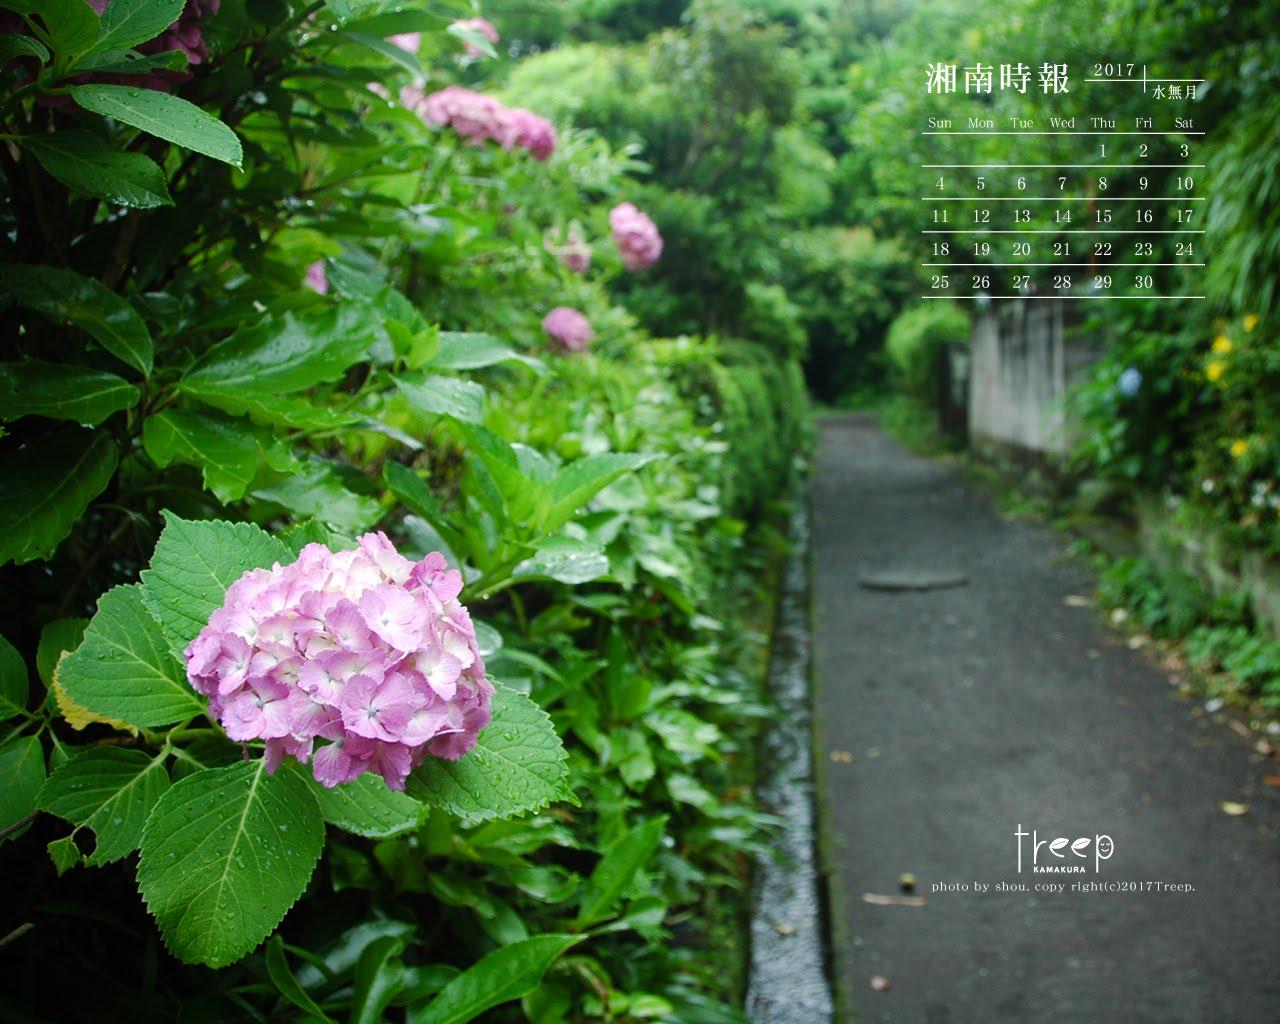 @ 湘南時報壁紙2017 : 6月のカレンダー ダウンロード